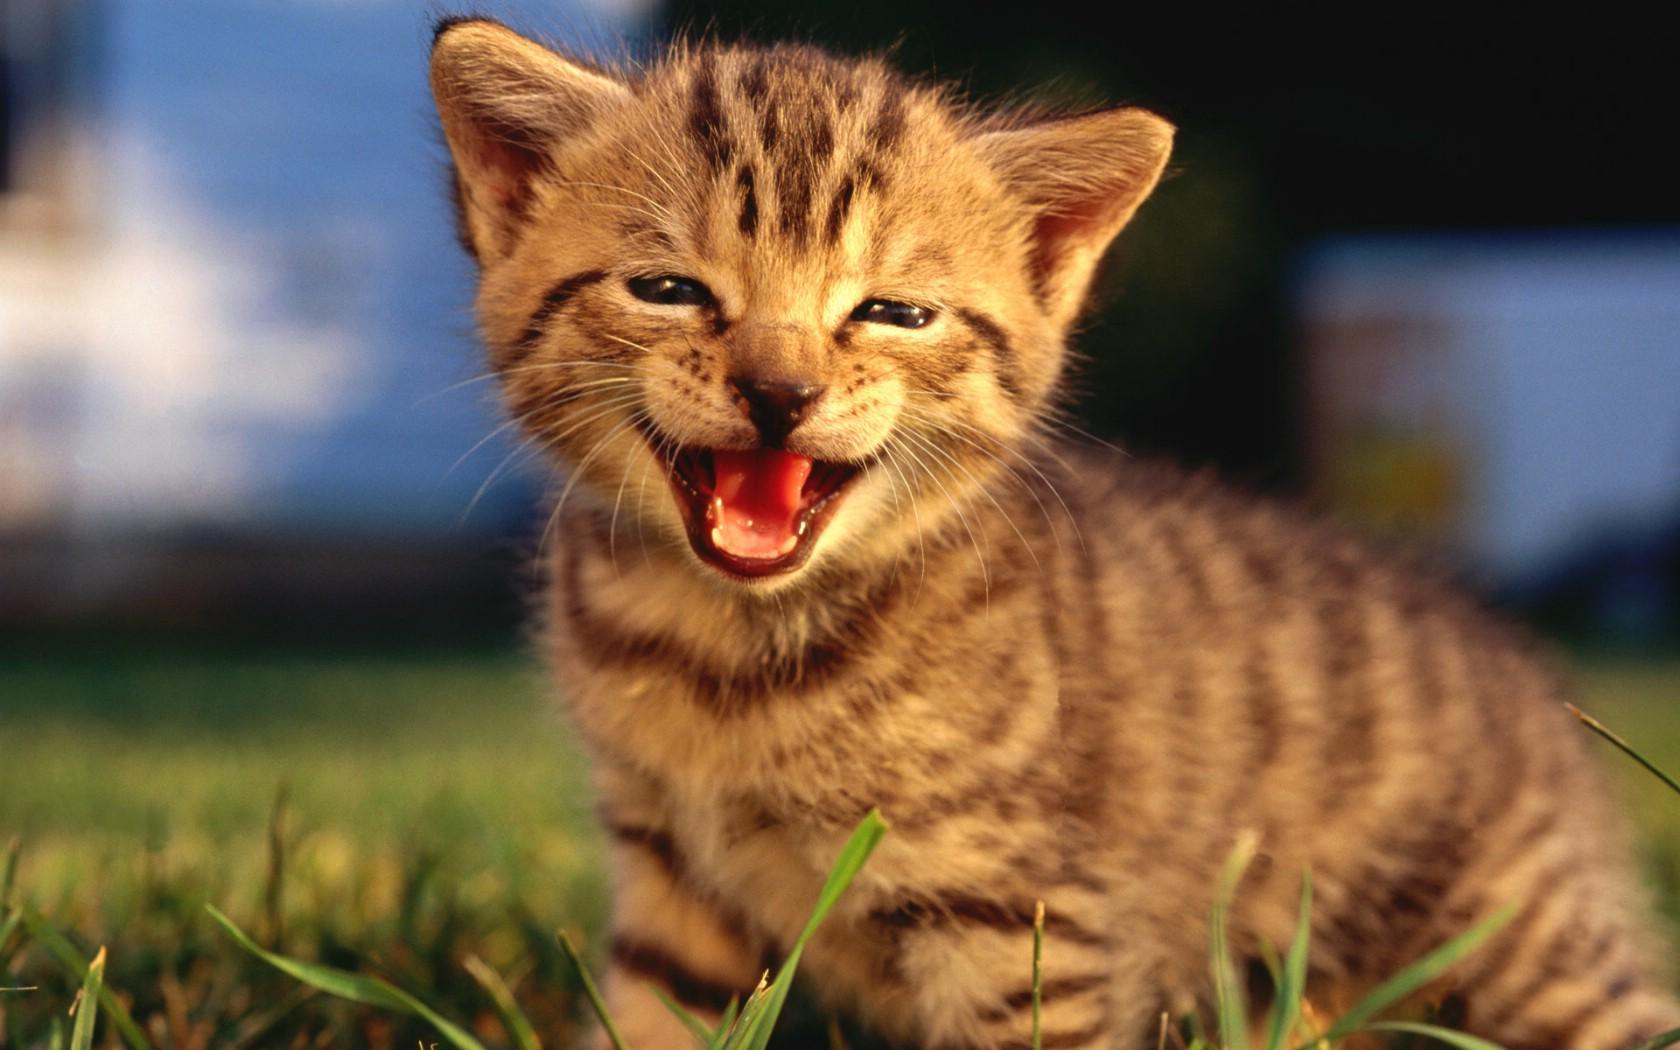 壁纸1680×1050可爱小猫咪宽屏壁纸壁纸